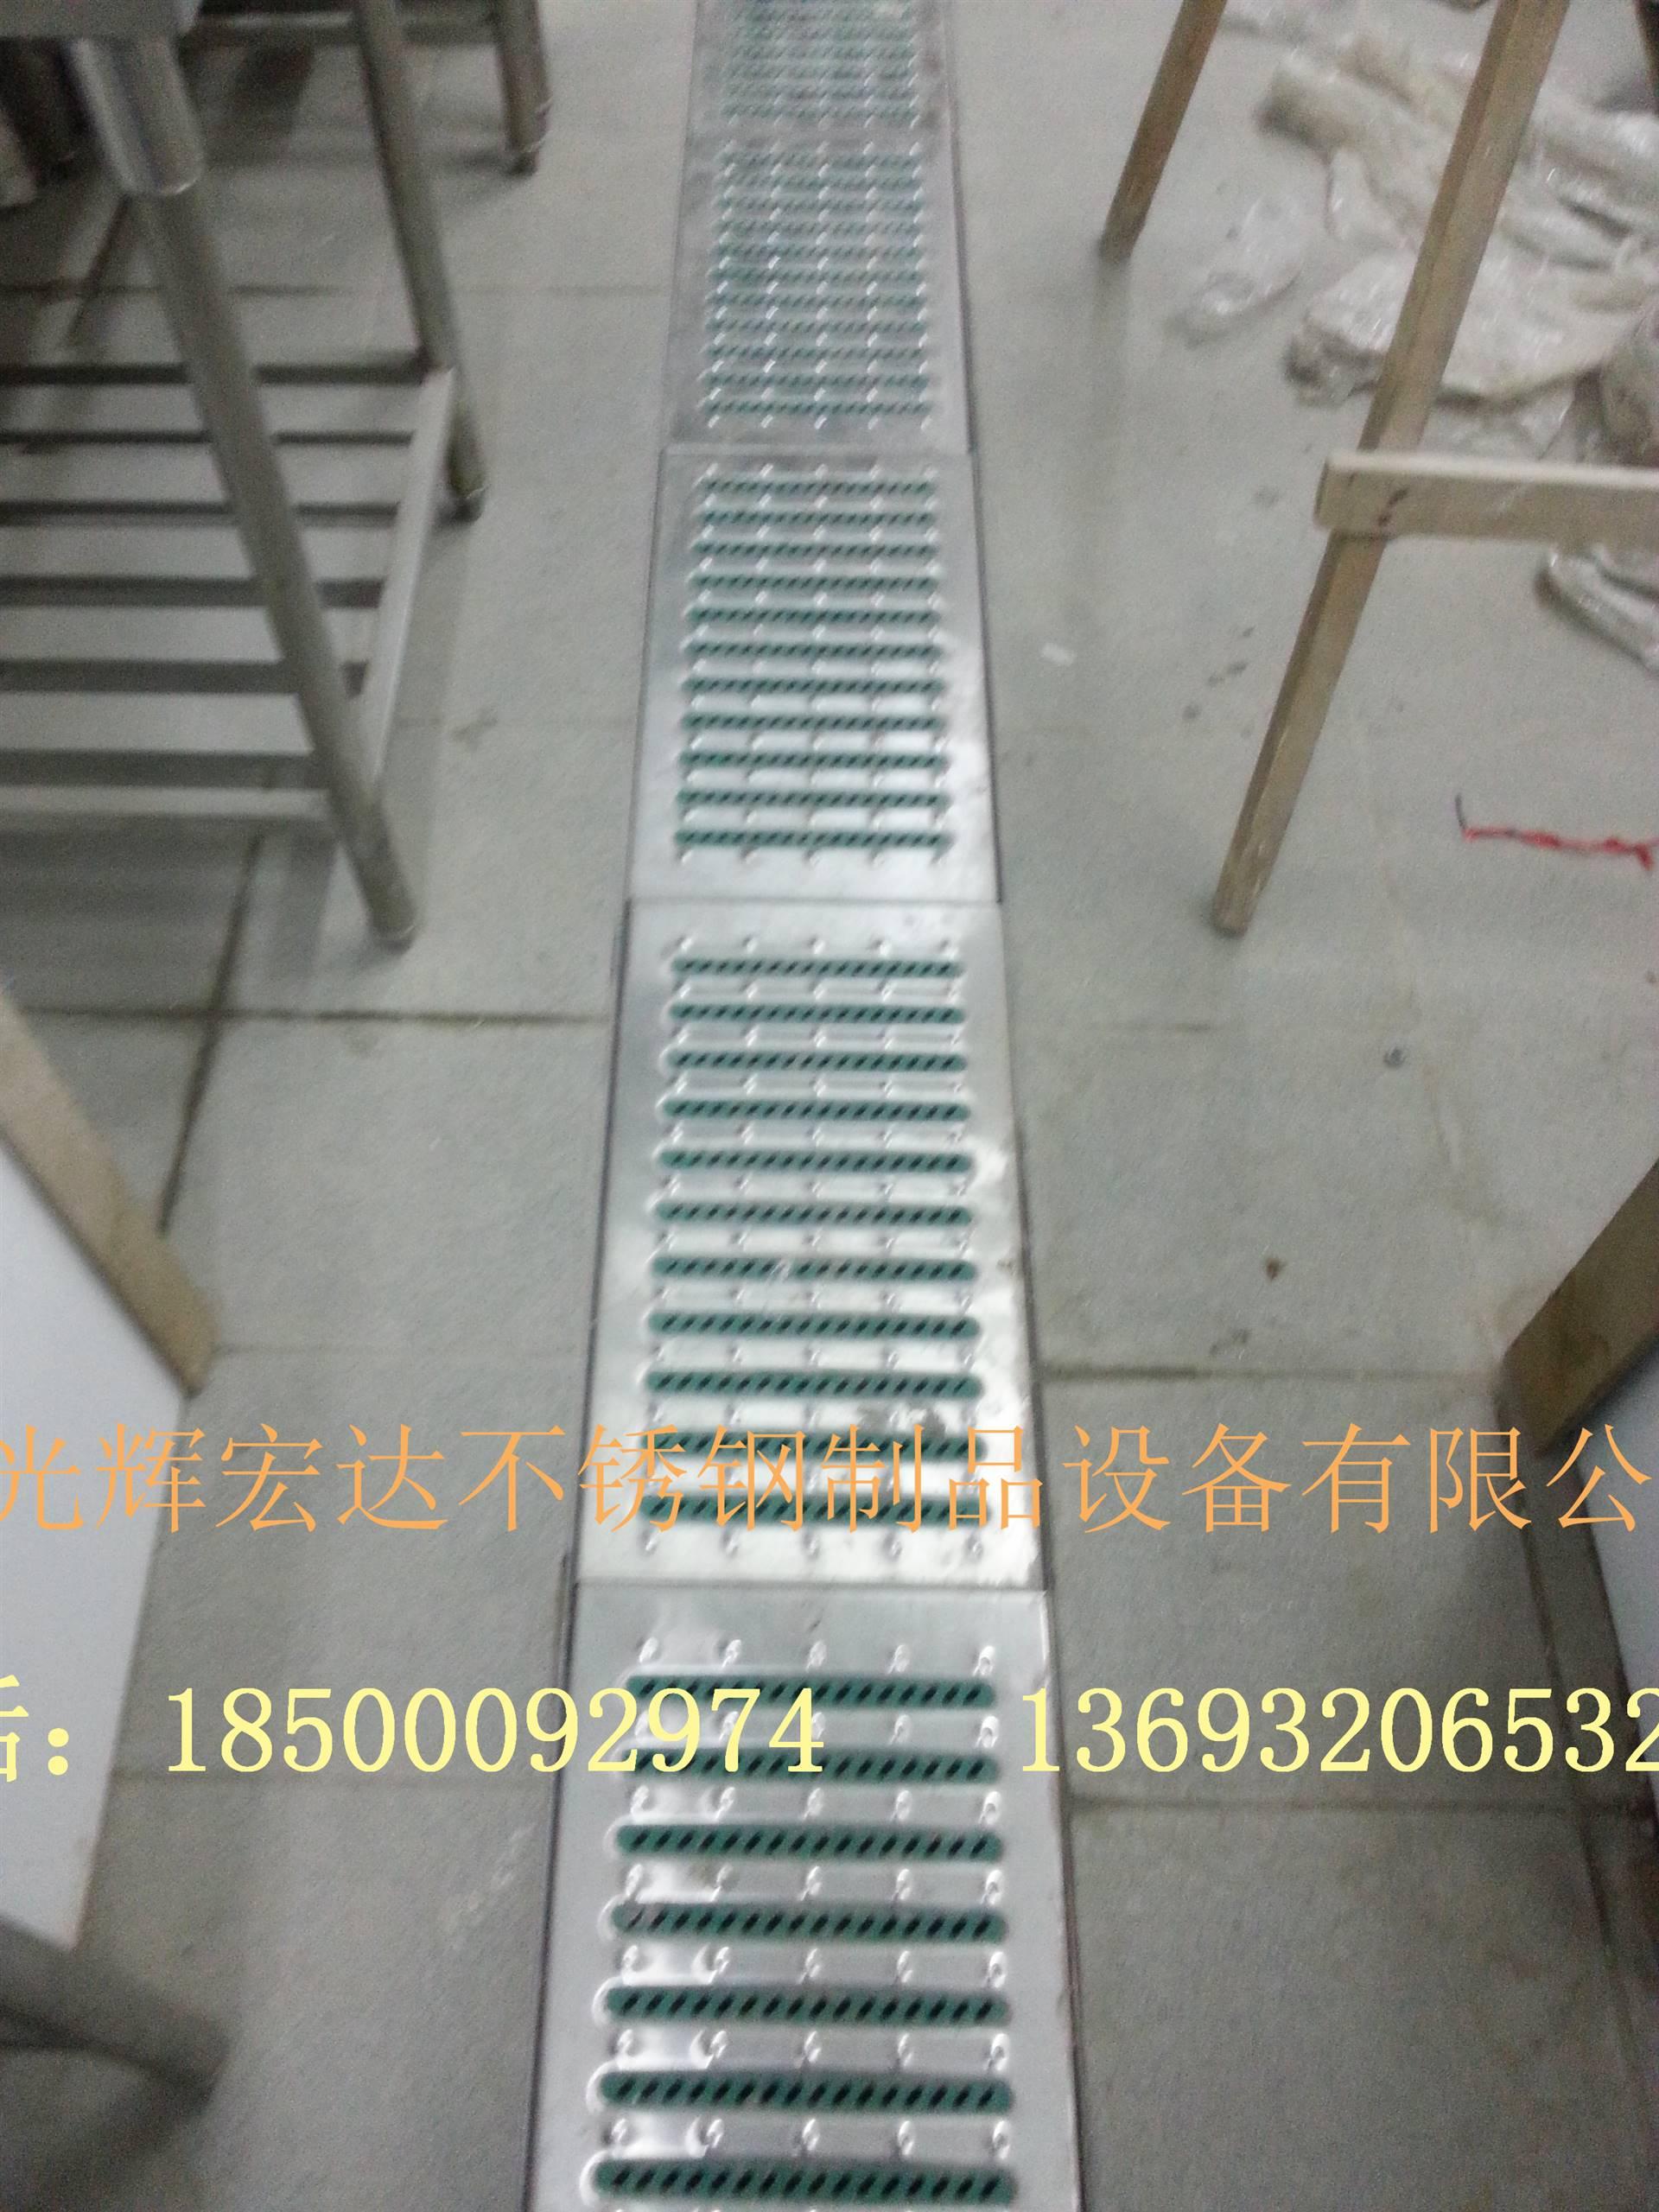 本厂生产各种不锈钢盖板 排水沟篦子